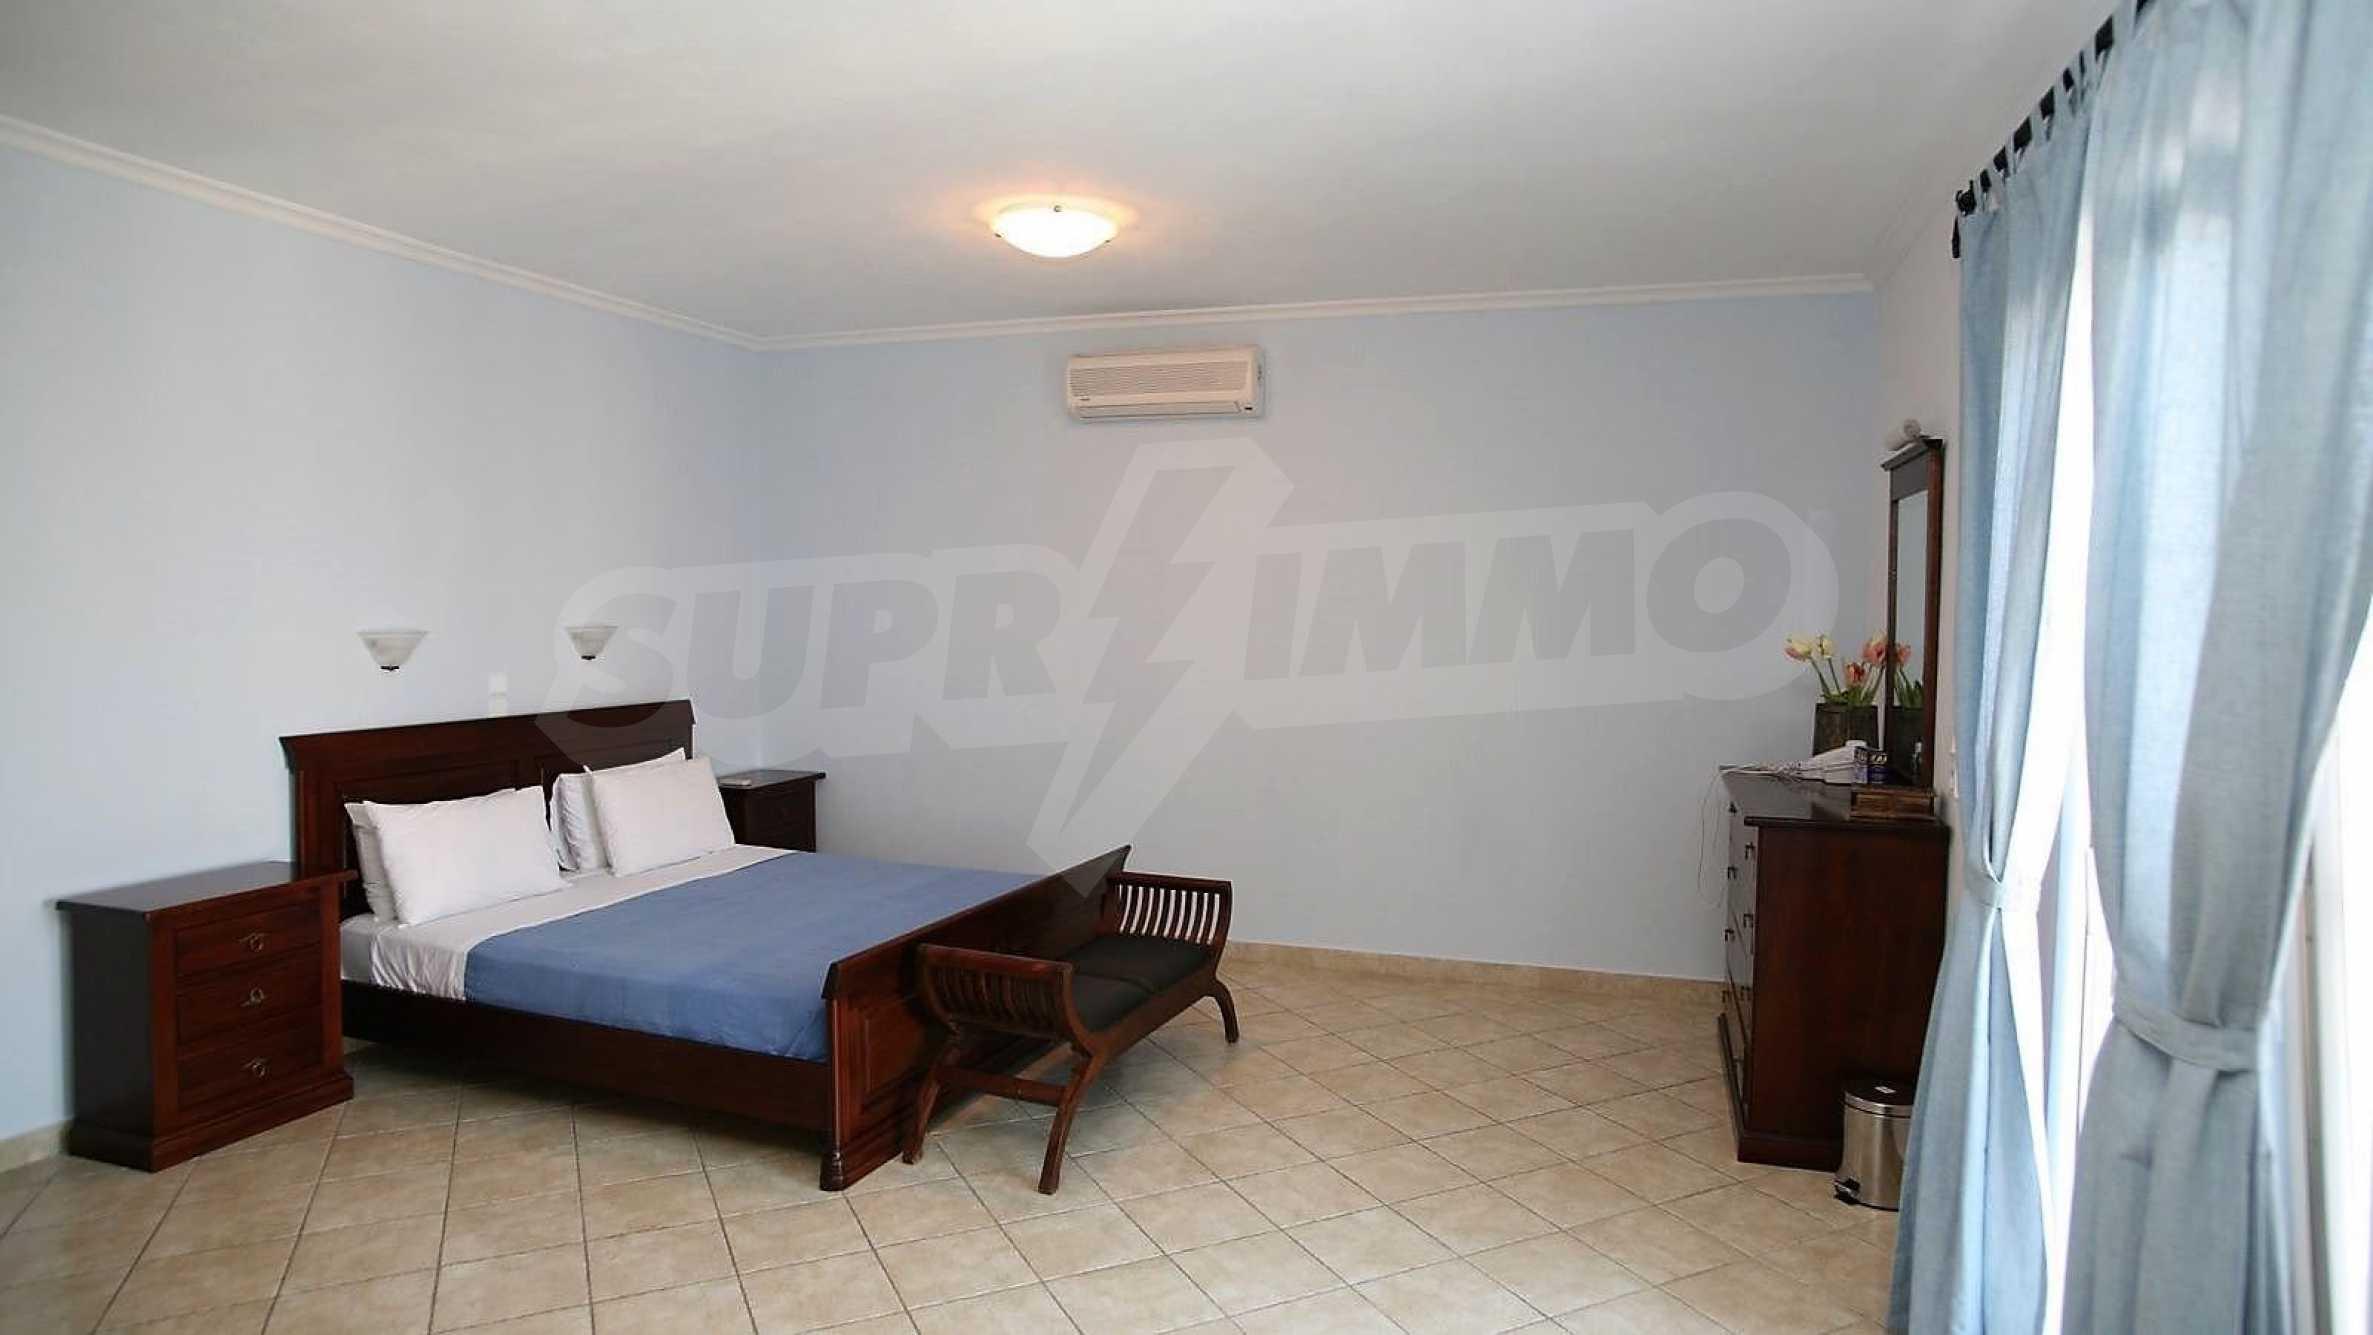 Превъзходна резиденция с достъп до девствен залив, остров Корфу 10